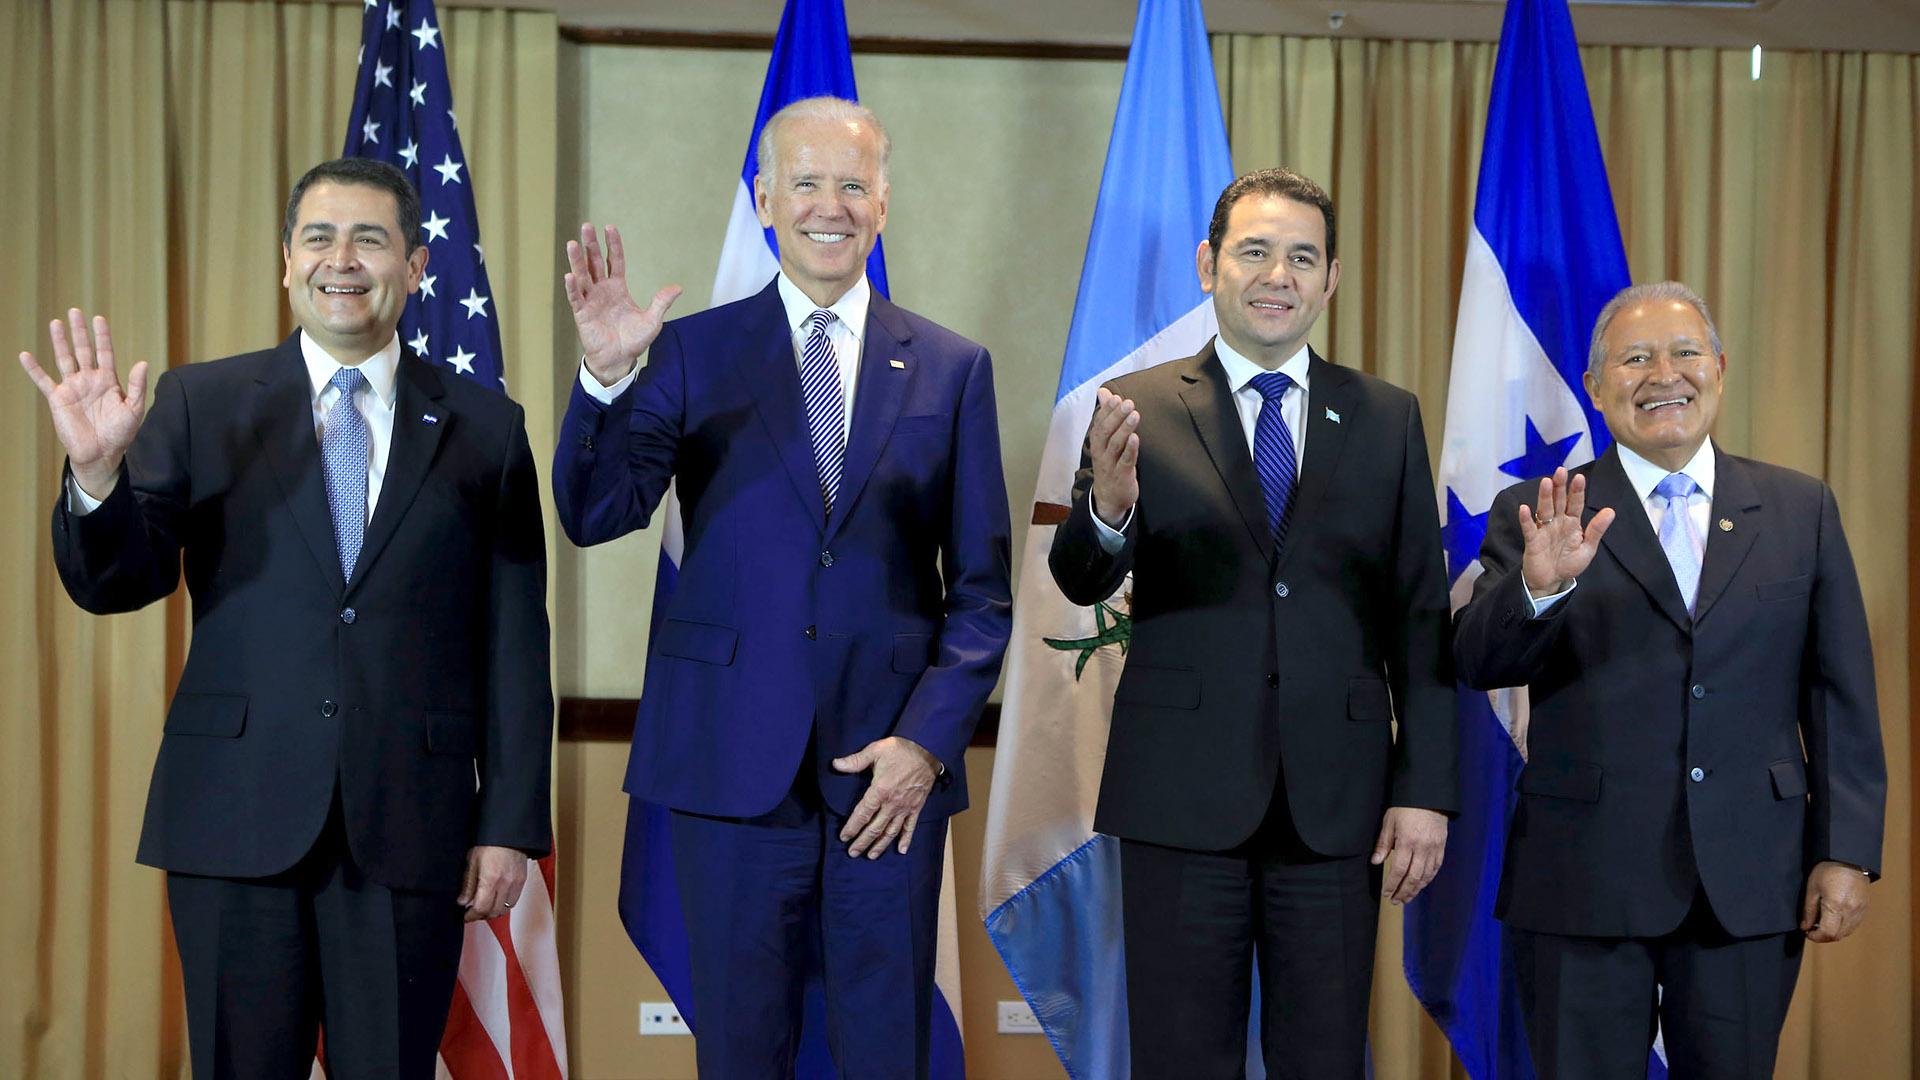 Biden Northern Triangle presidents